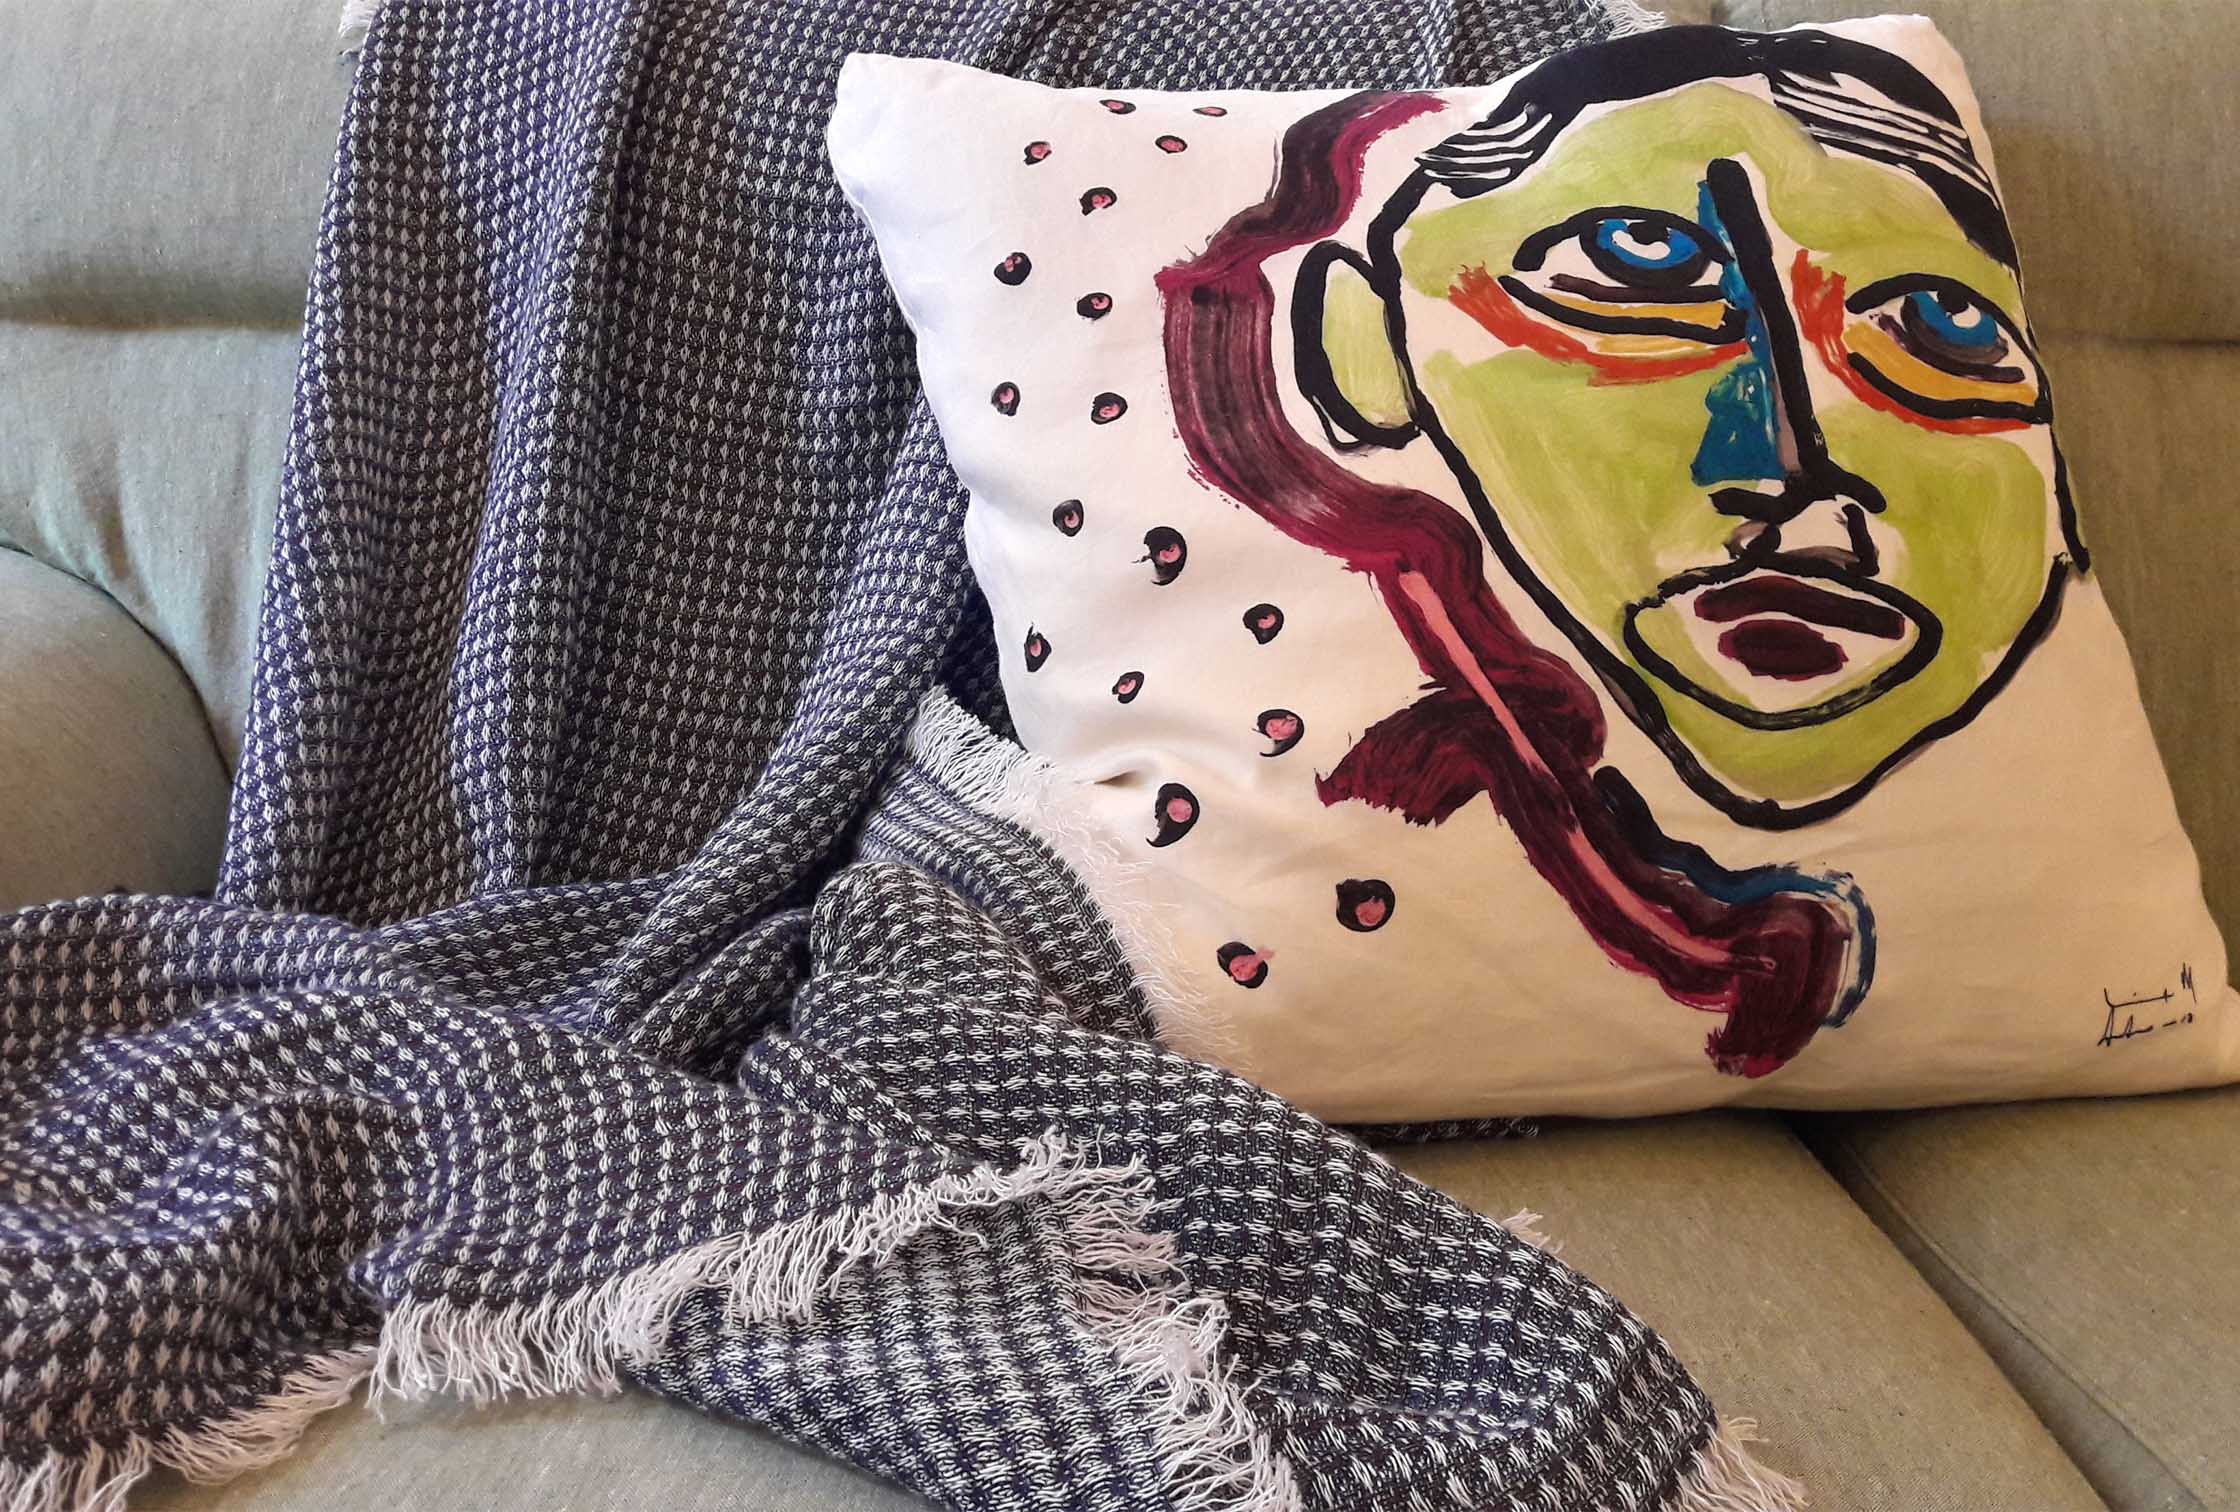 kiasmo-pillows-homedecor-interiorfabrics